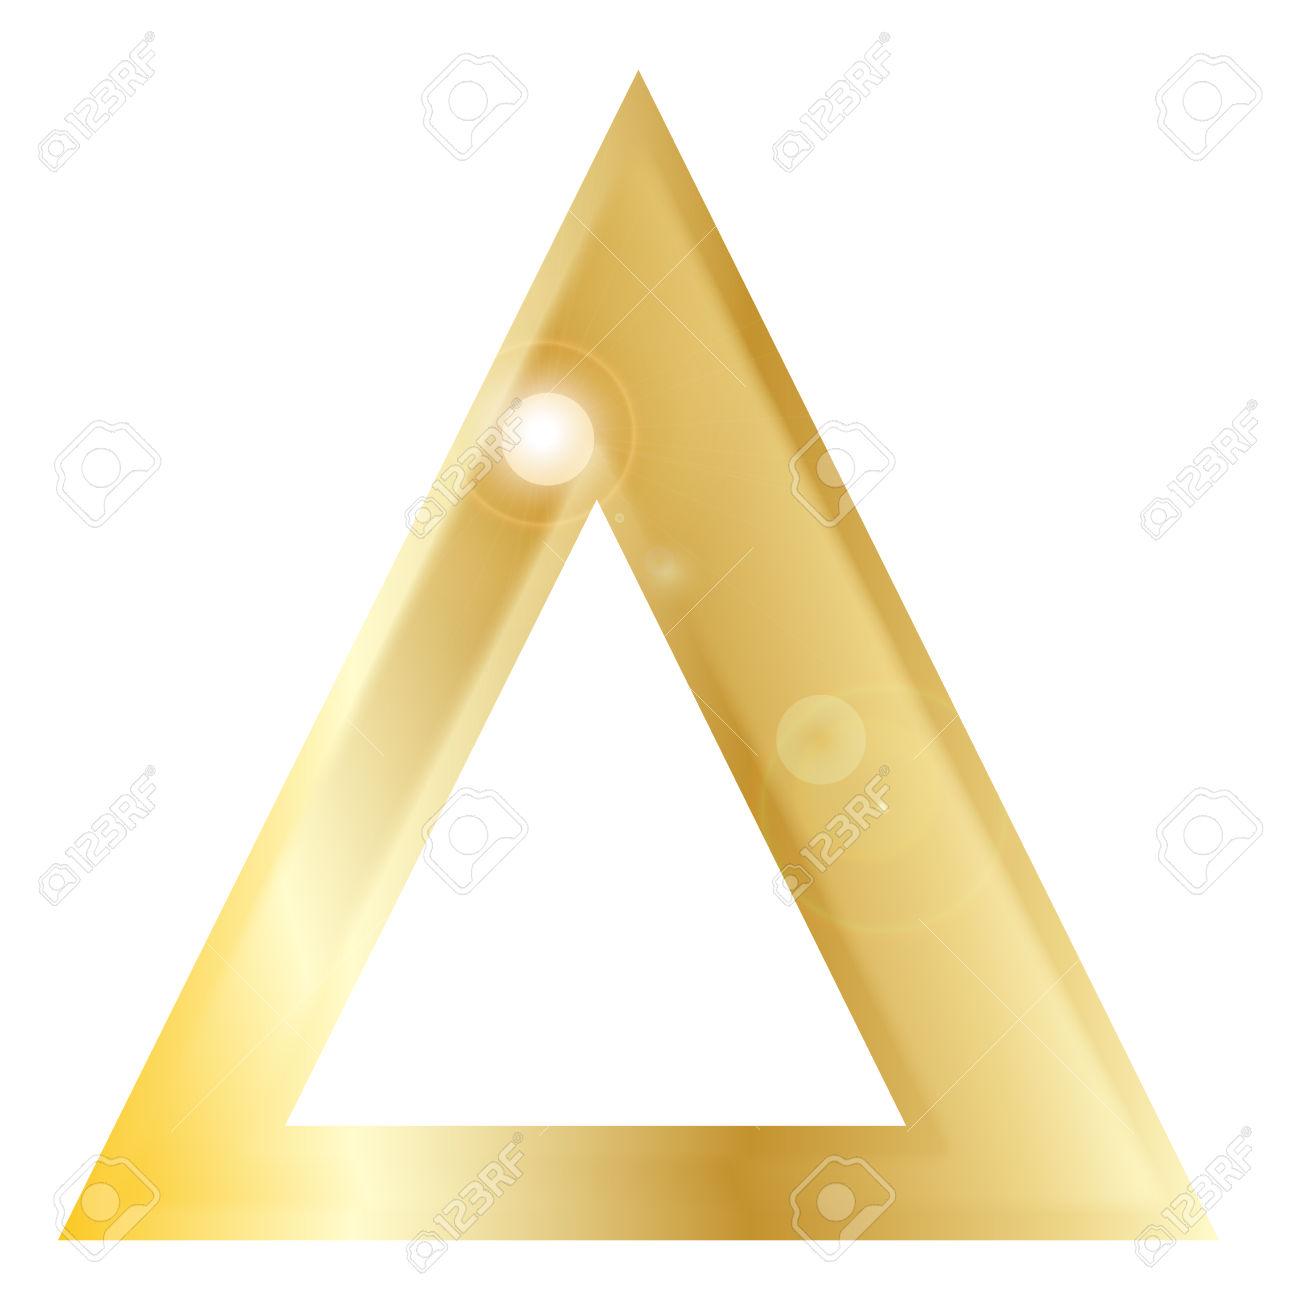 Δ - Wiktionary |Greek Delta Symbol